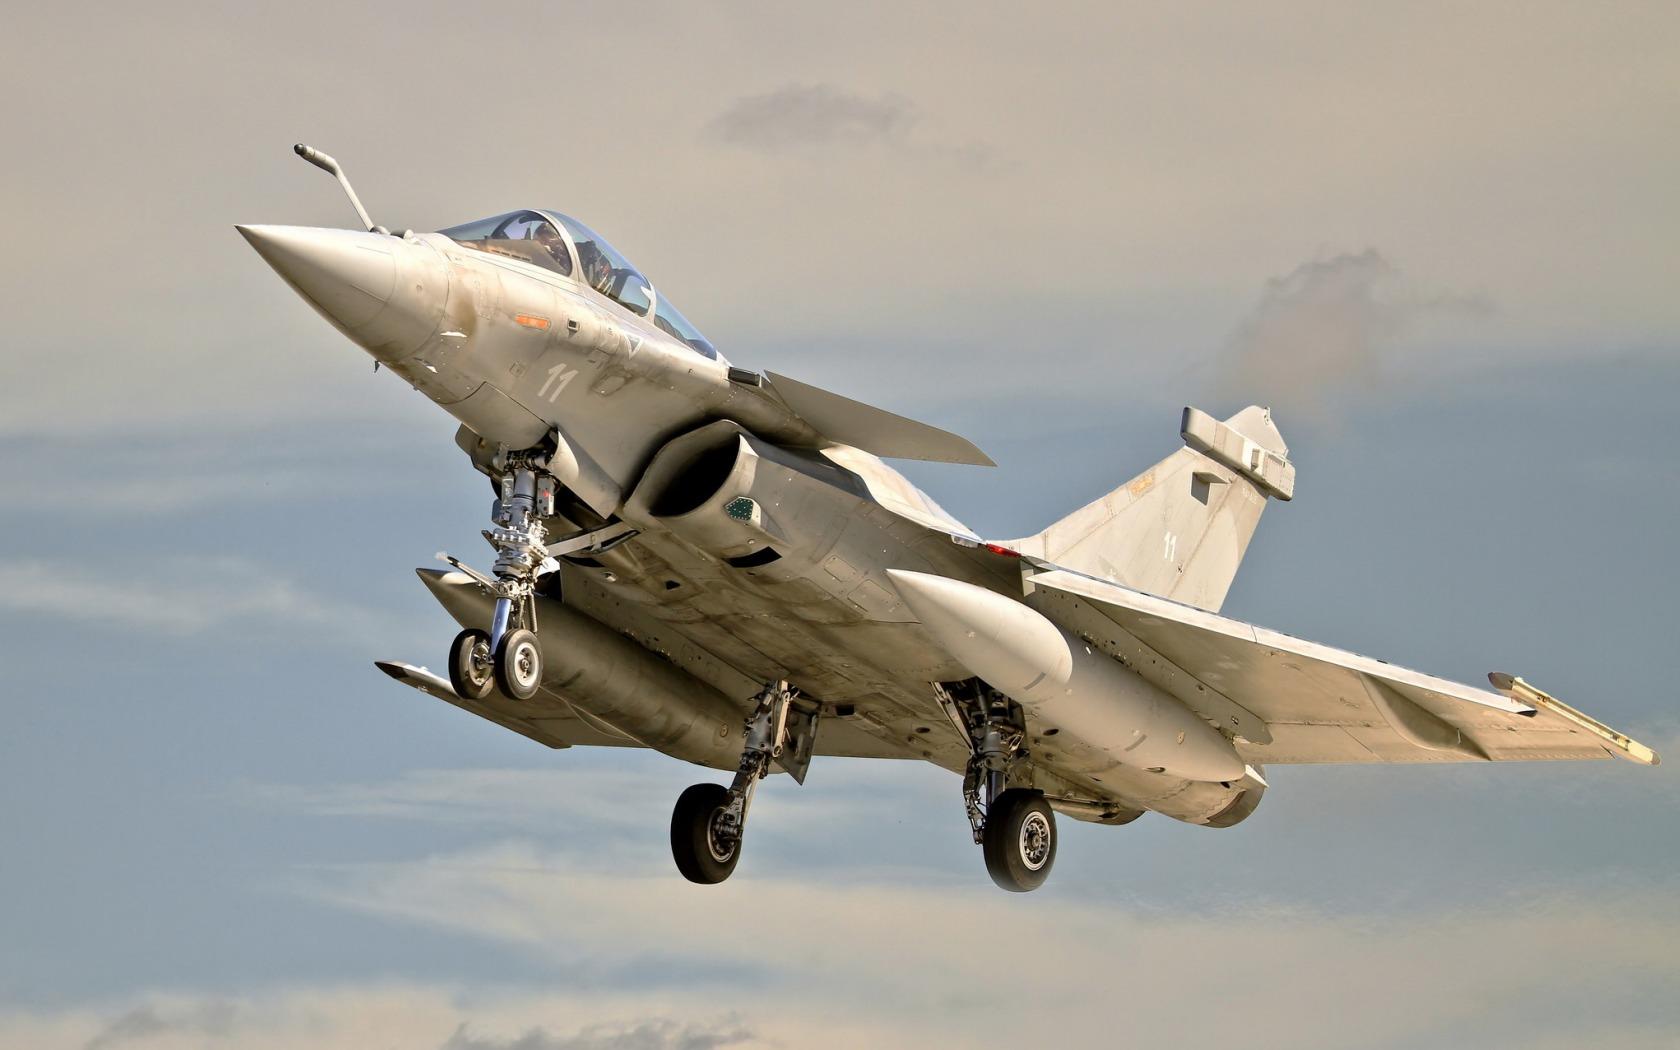 Fondos De Pantalla Cielo Vehículo Aeronave Militar